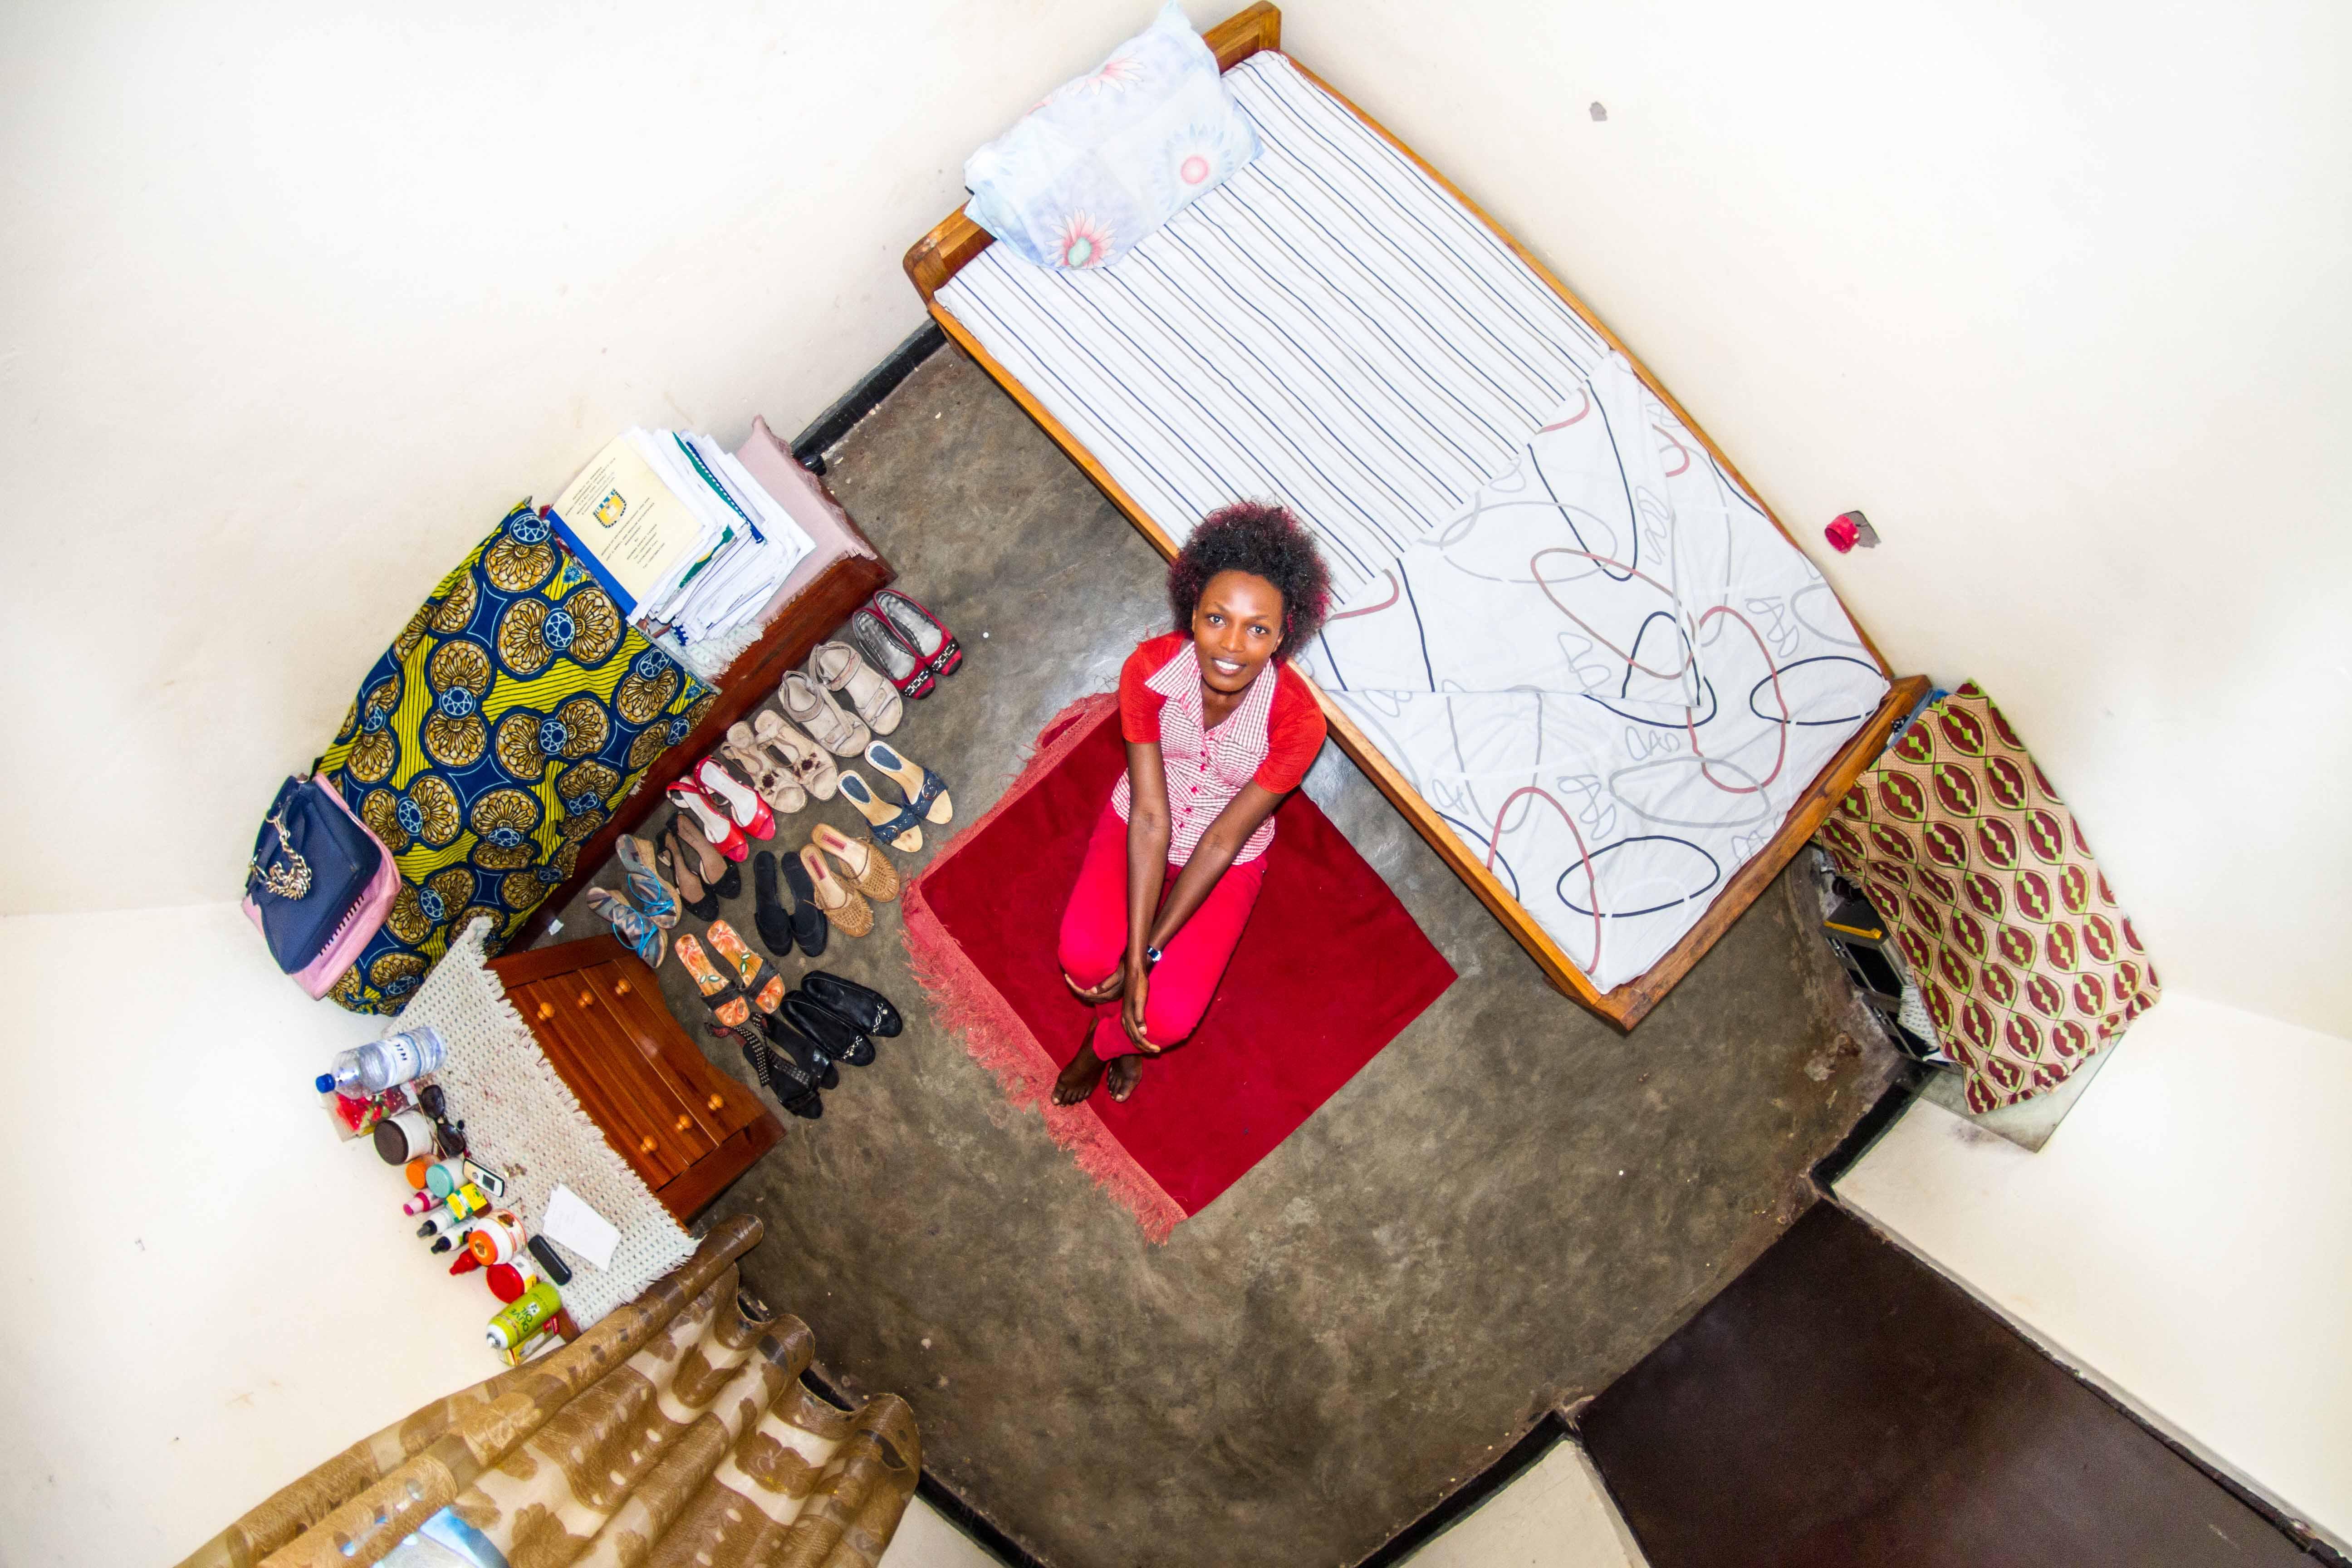 915. szoba, Josee, 22 éves egyetemista, Kigali, Ruanda